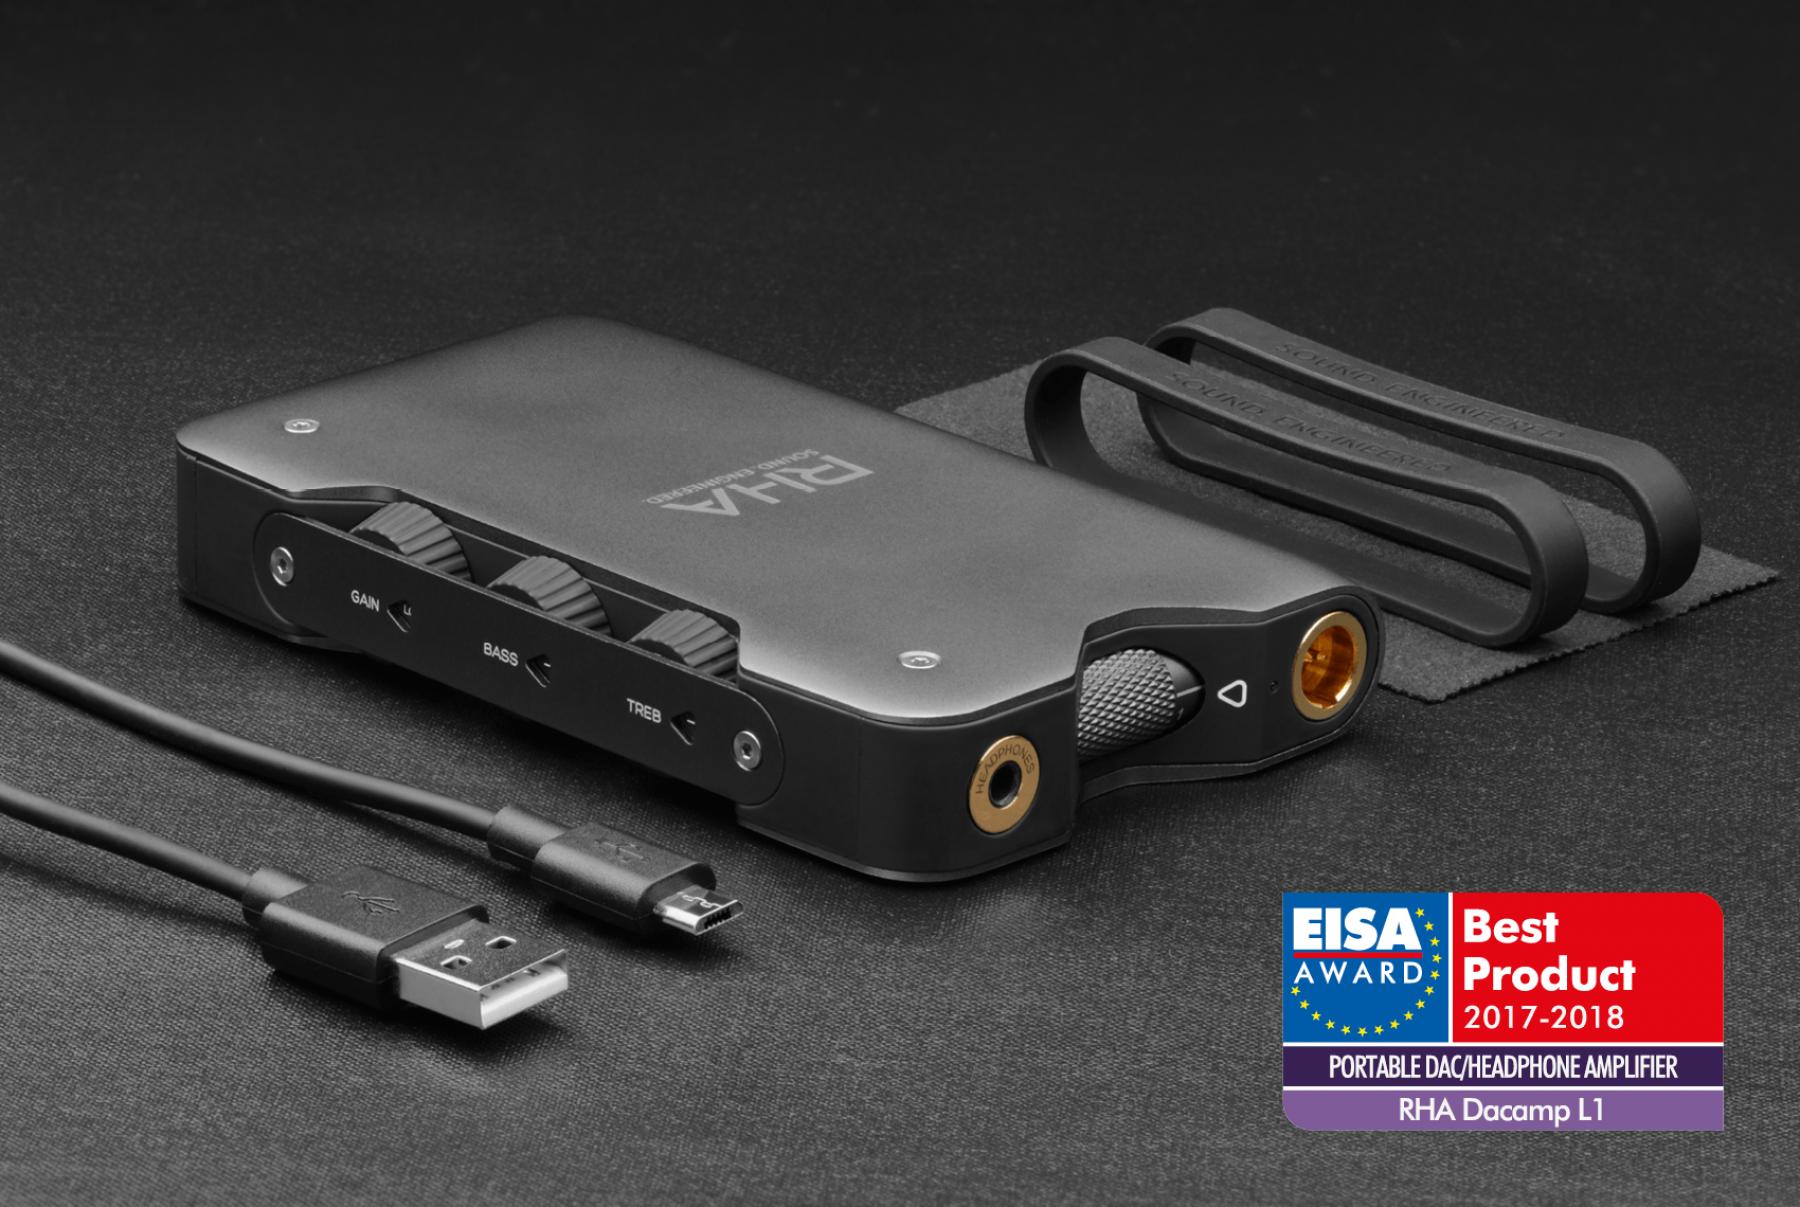 Blog Dacamp L1 Eisa Award Best Portable Dac Headphone Amplifier